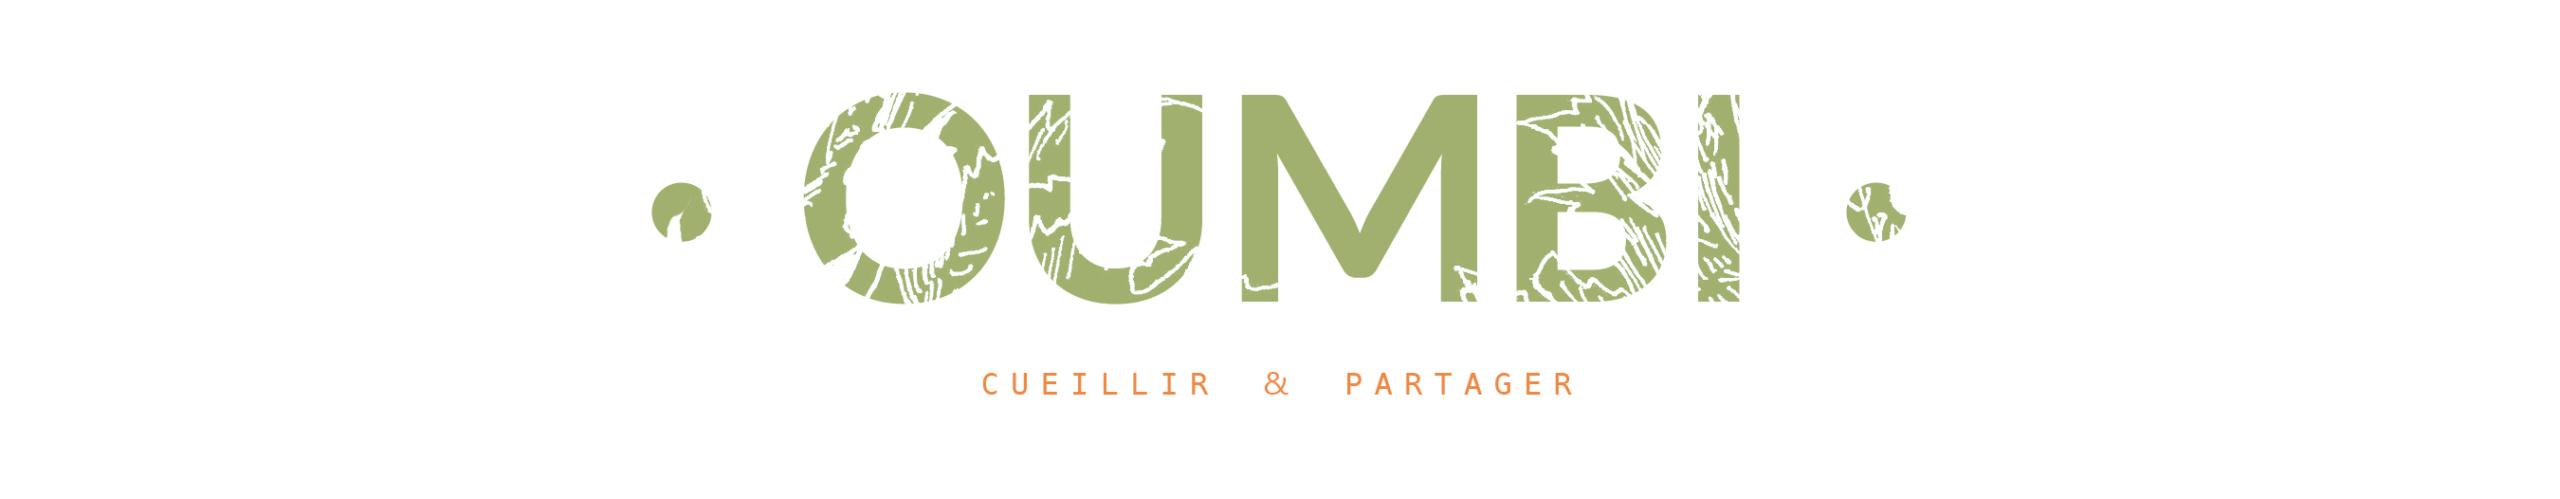 Oumbi - cueillir et partager - stages nature en Limousin, illustrations, vidéos